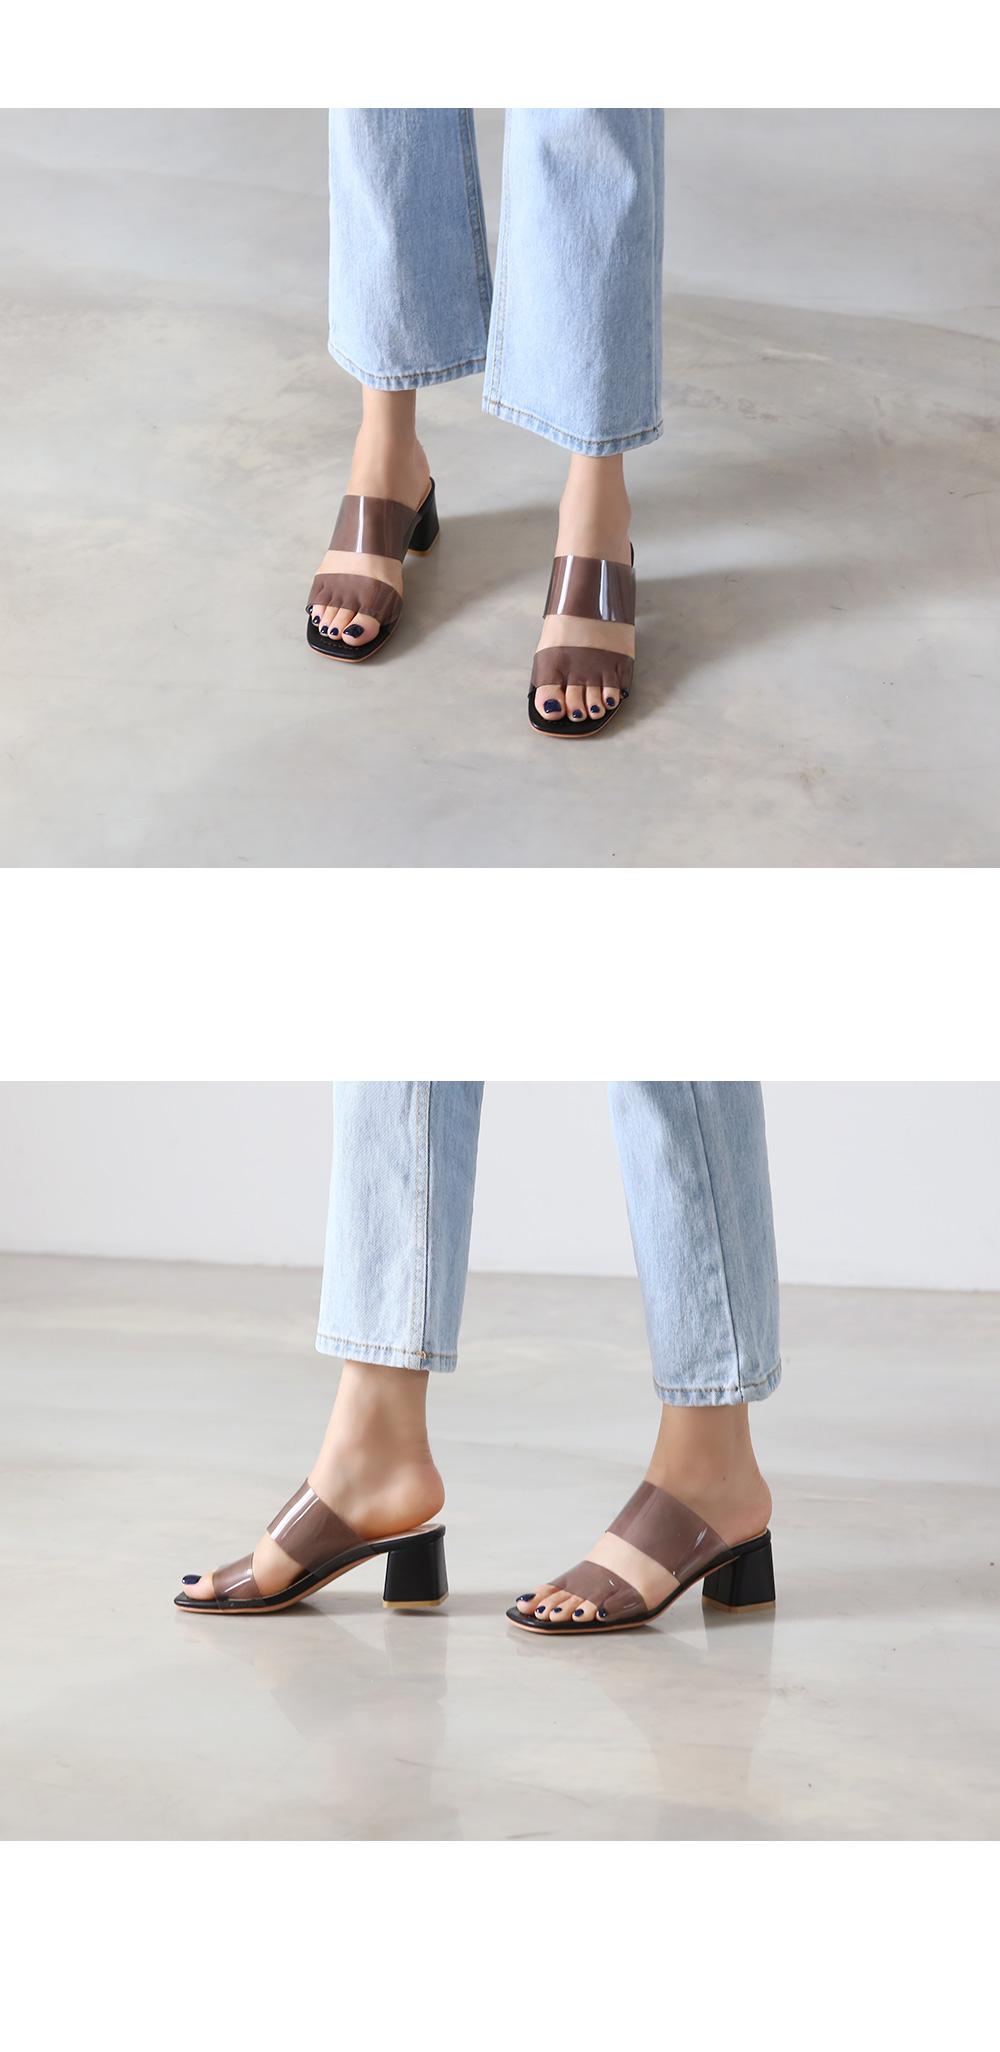 Lee Elko 5cm